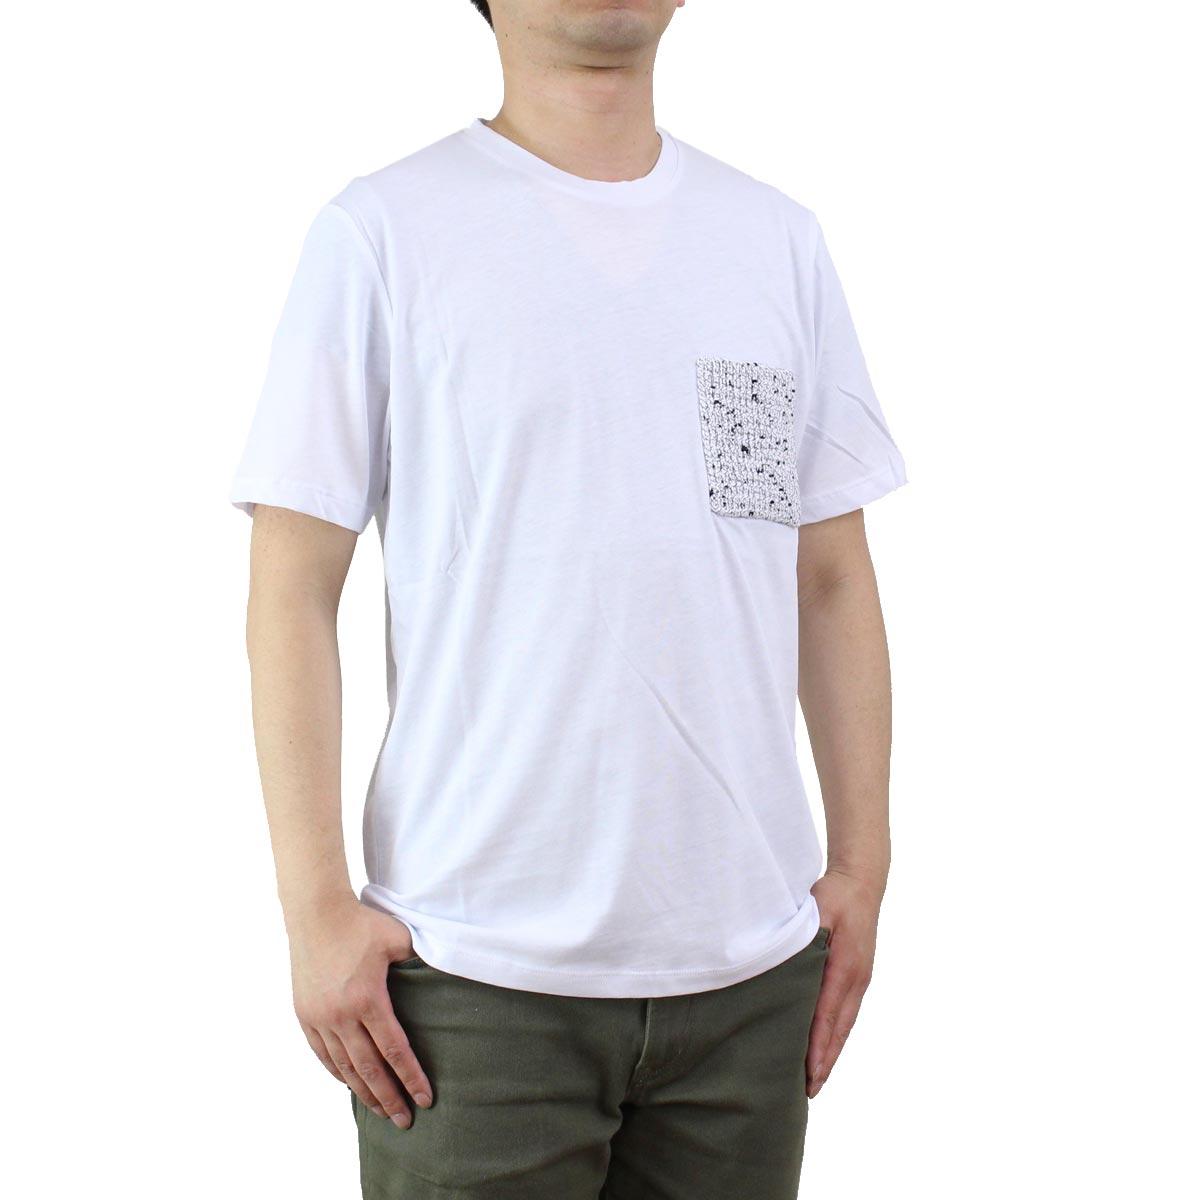 バーク Bark  メンズ 半袖Tシャツ 71B8703 281 OFF-WHITE ホワイト系  メンズ ティーシャツ ティーシャツ T shirt OLS-4  ts-01